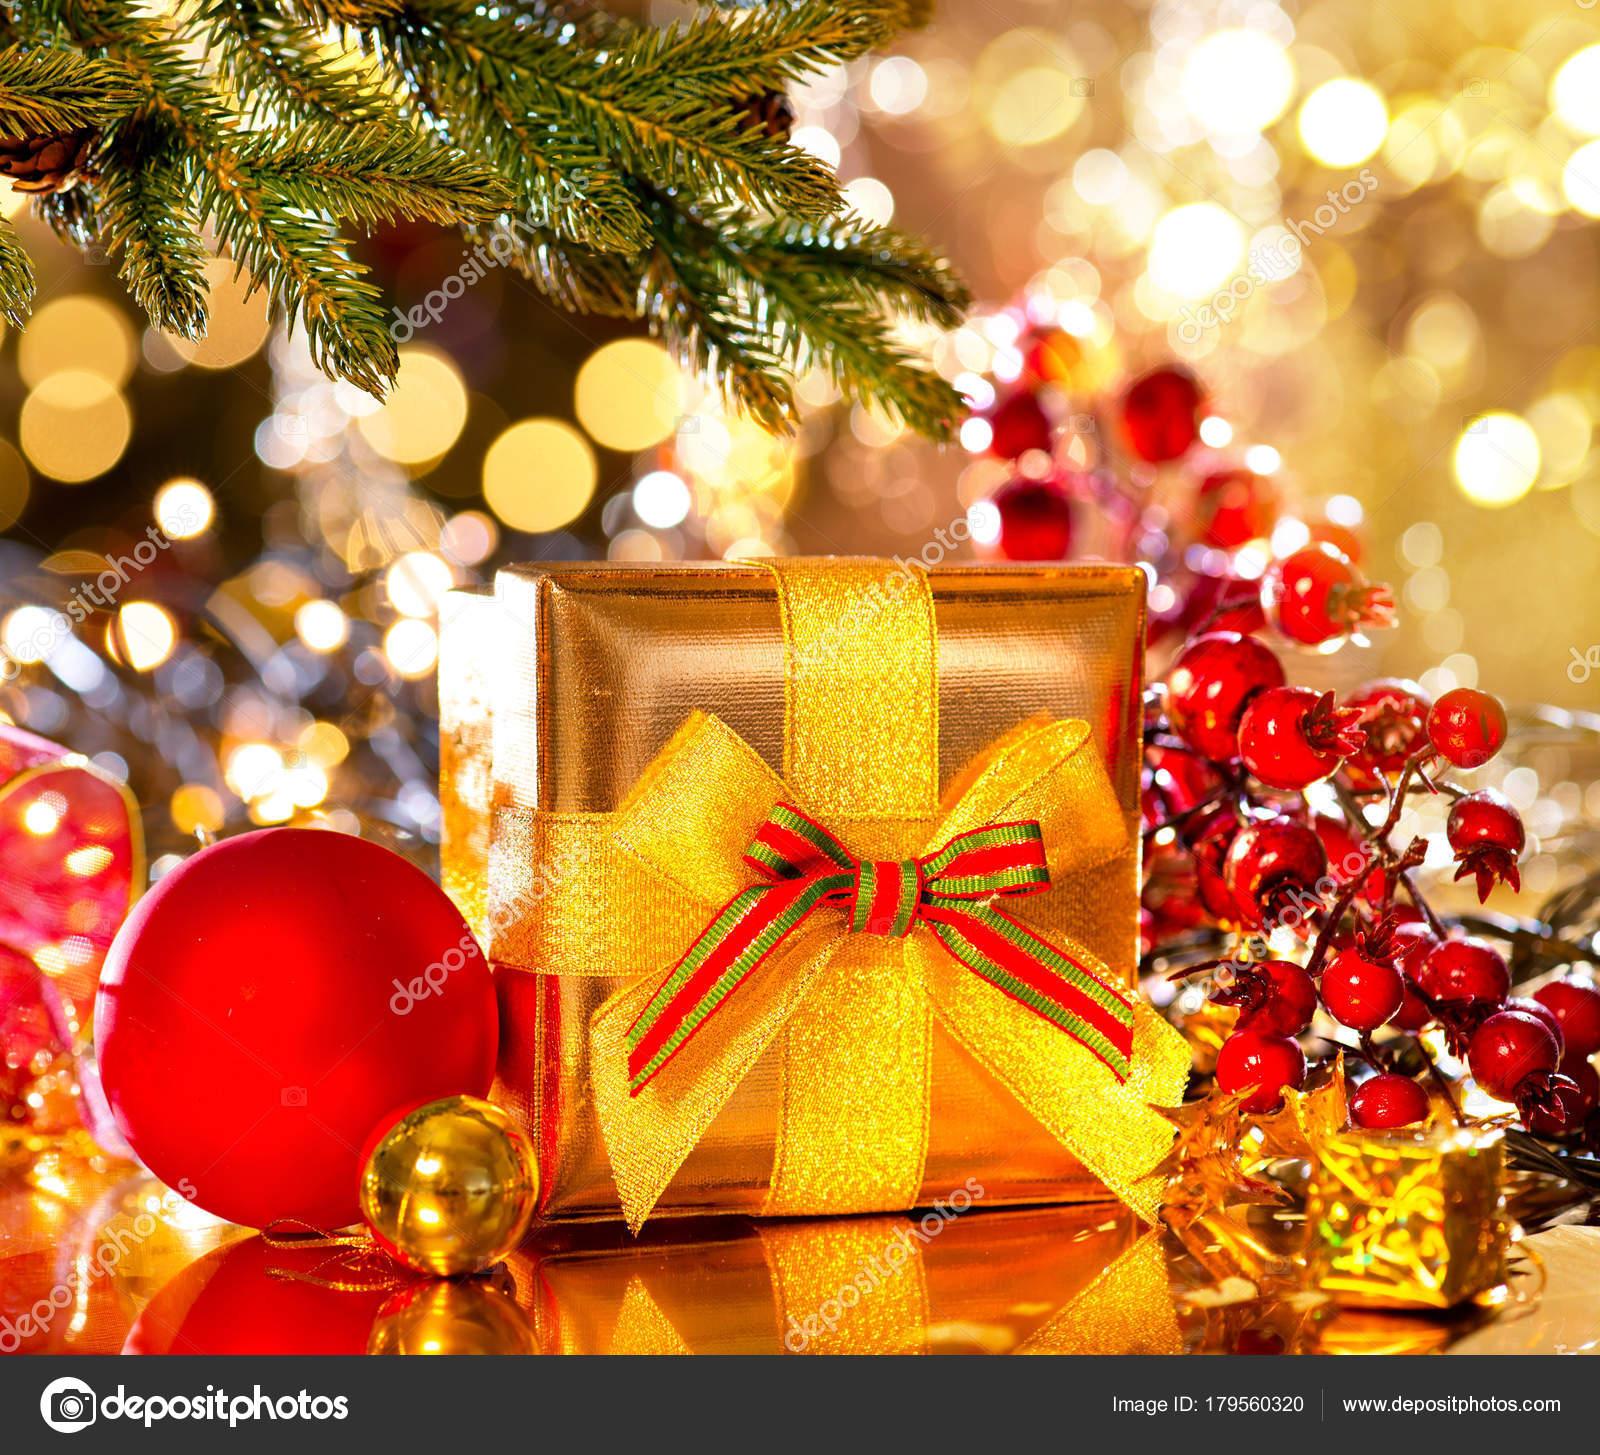 Fotos Arboles De Navidad Decorados Caja Regalo Dorada Bajo Arbol - Fotos-arbol-navidad-decorados